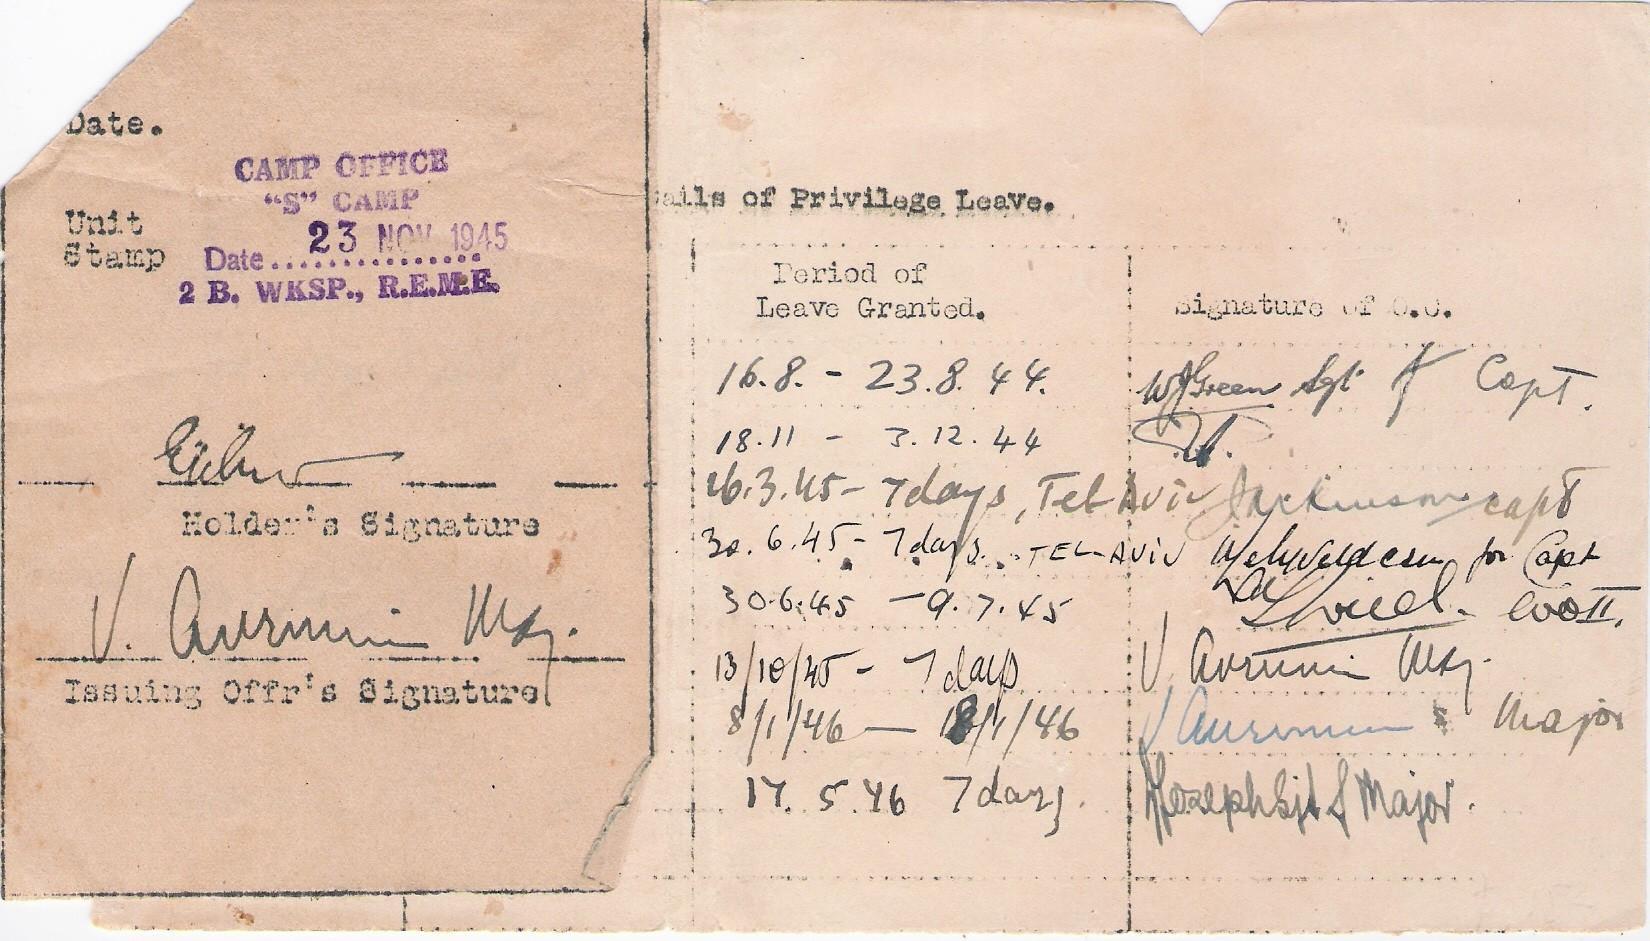 World War II Palestine leave pass for Jewish(?) soldier British Army